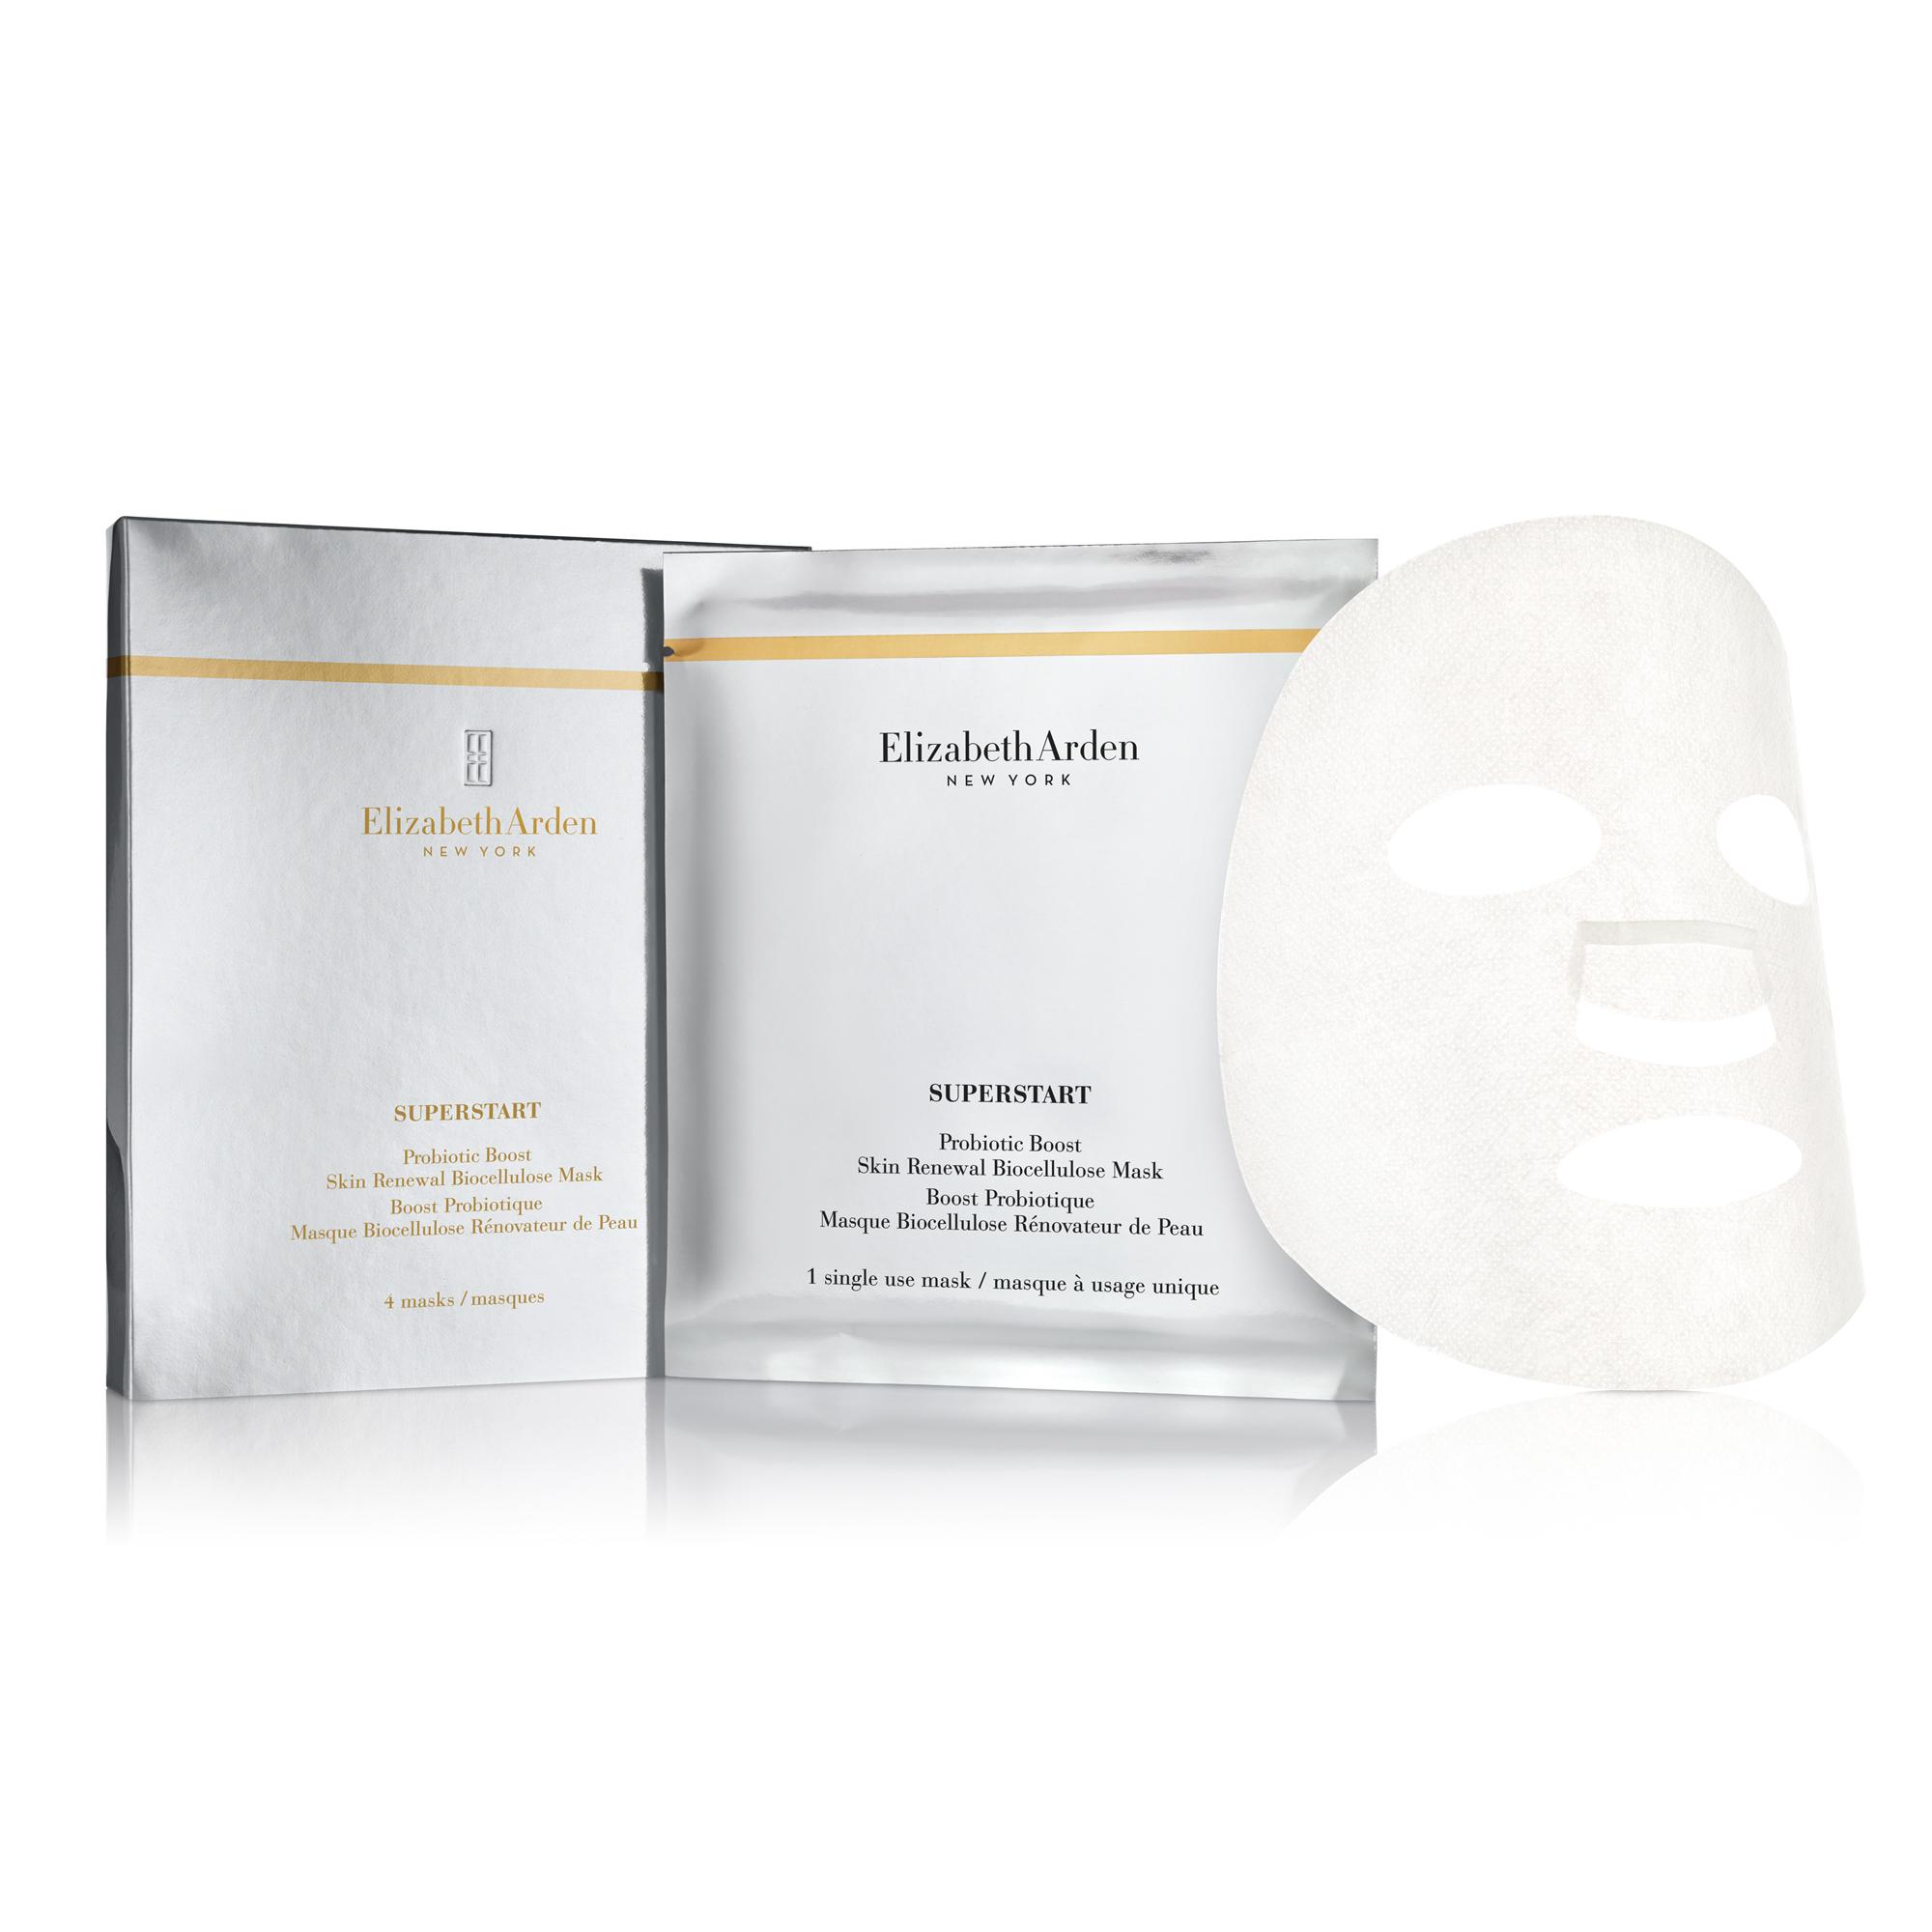 SUPERSTART Boost Probiotique Masque Biocellulose Rénovateur de Peau, , large